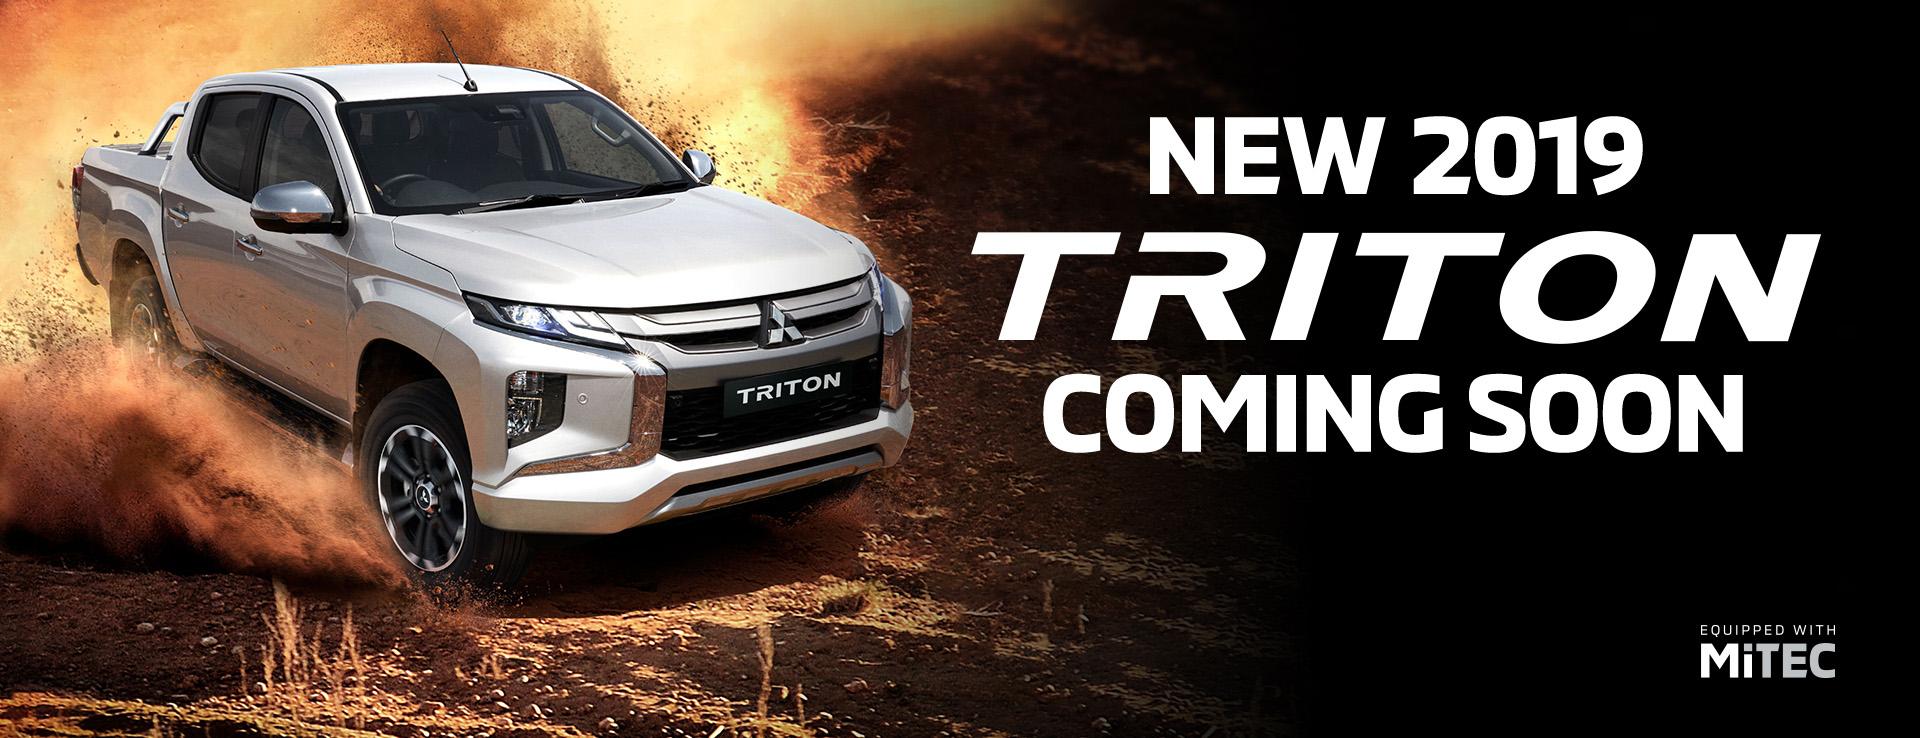 triton-new